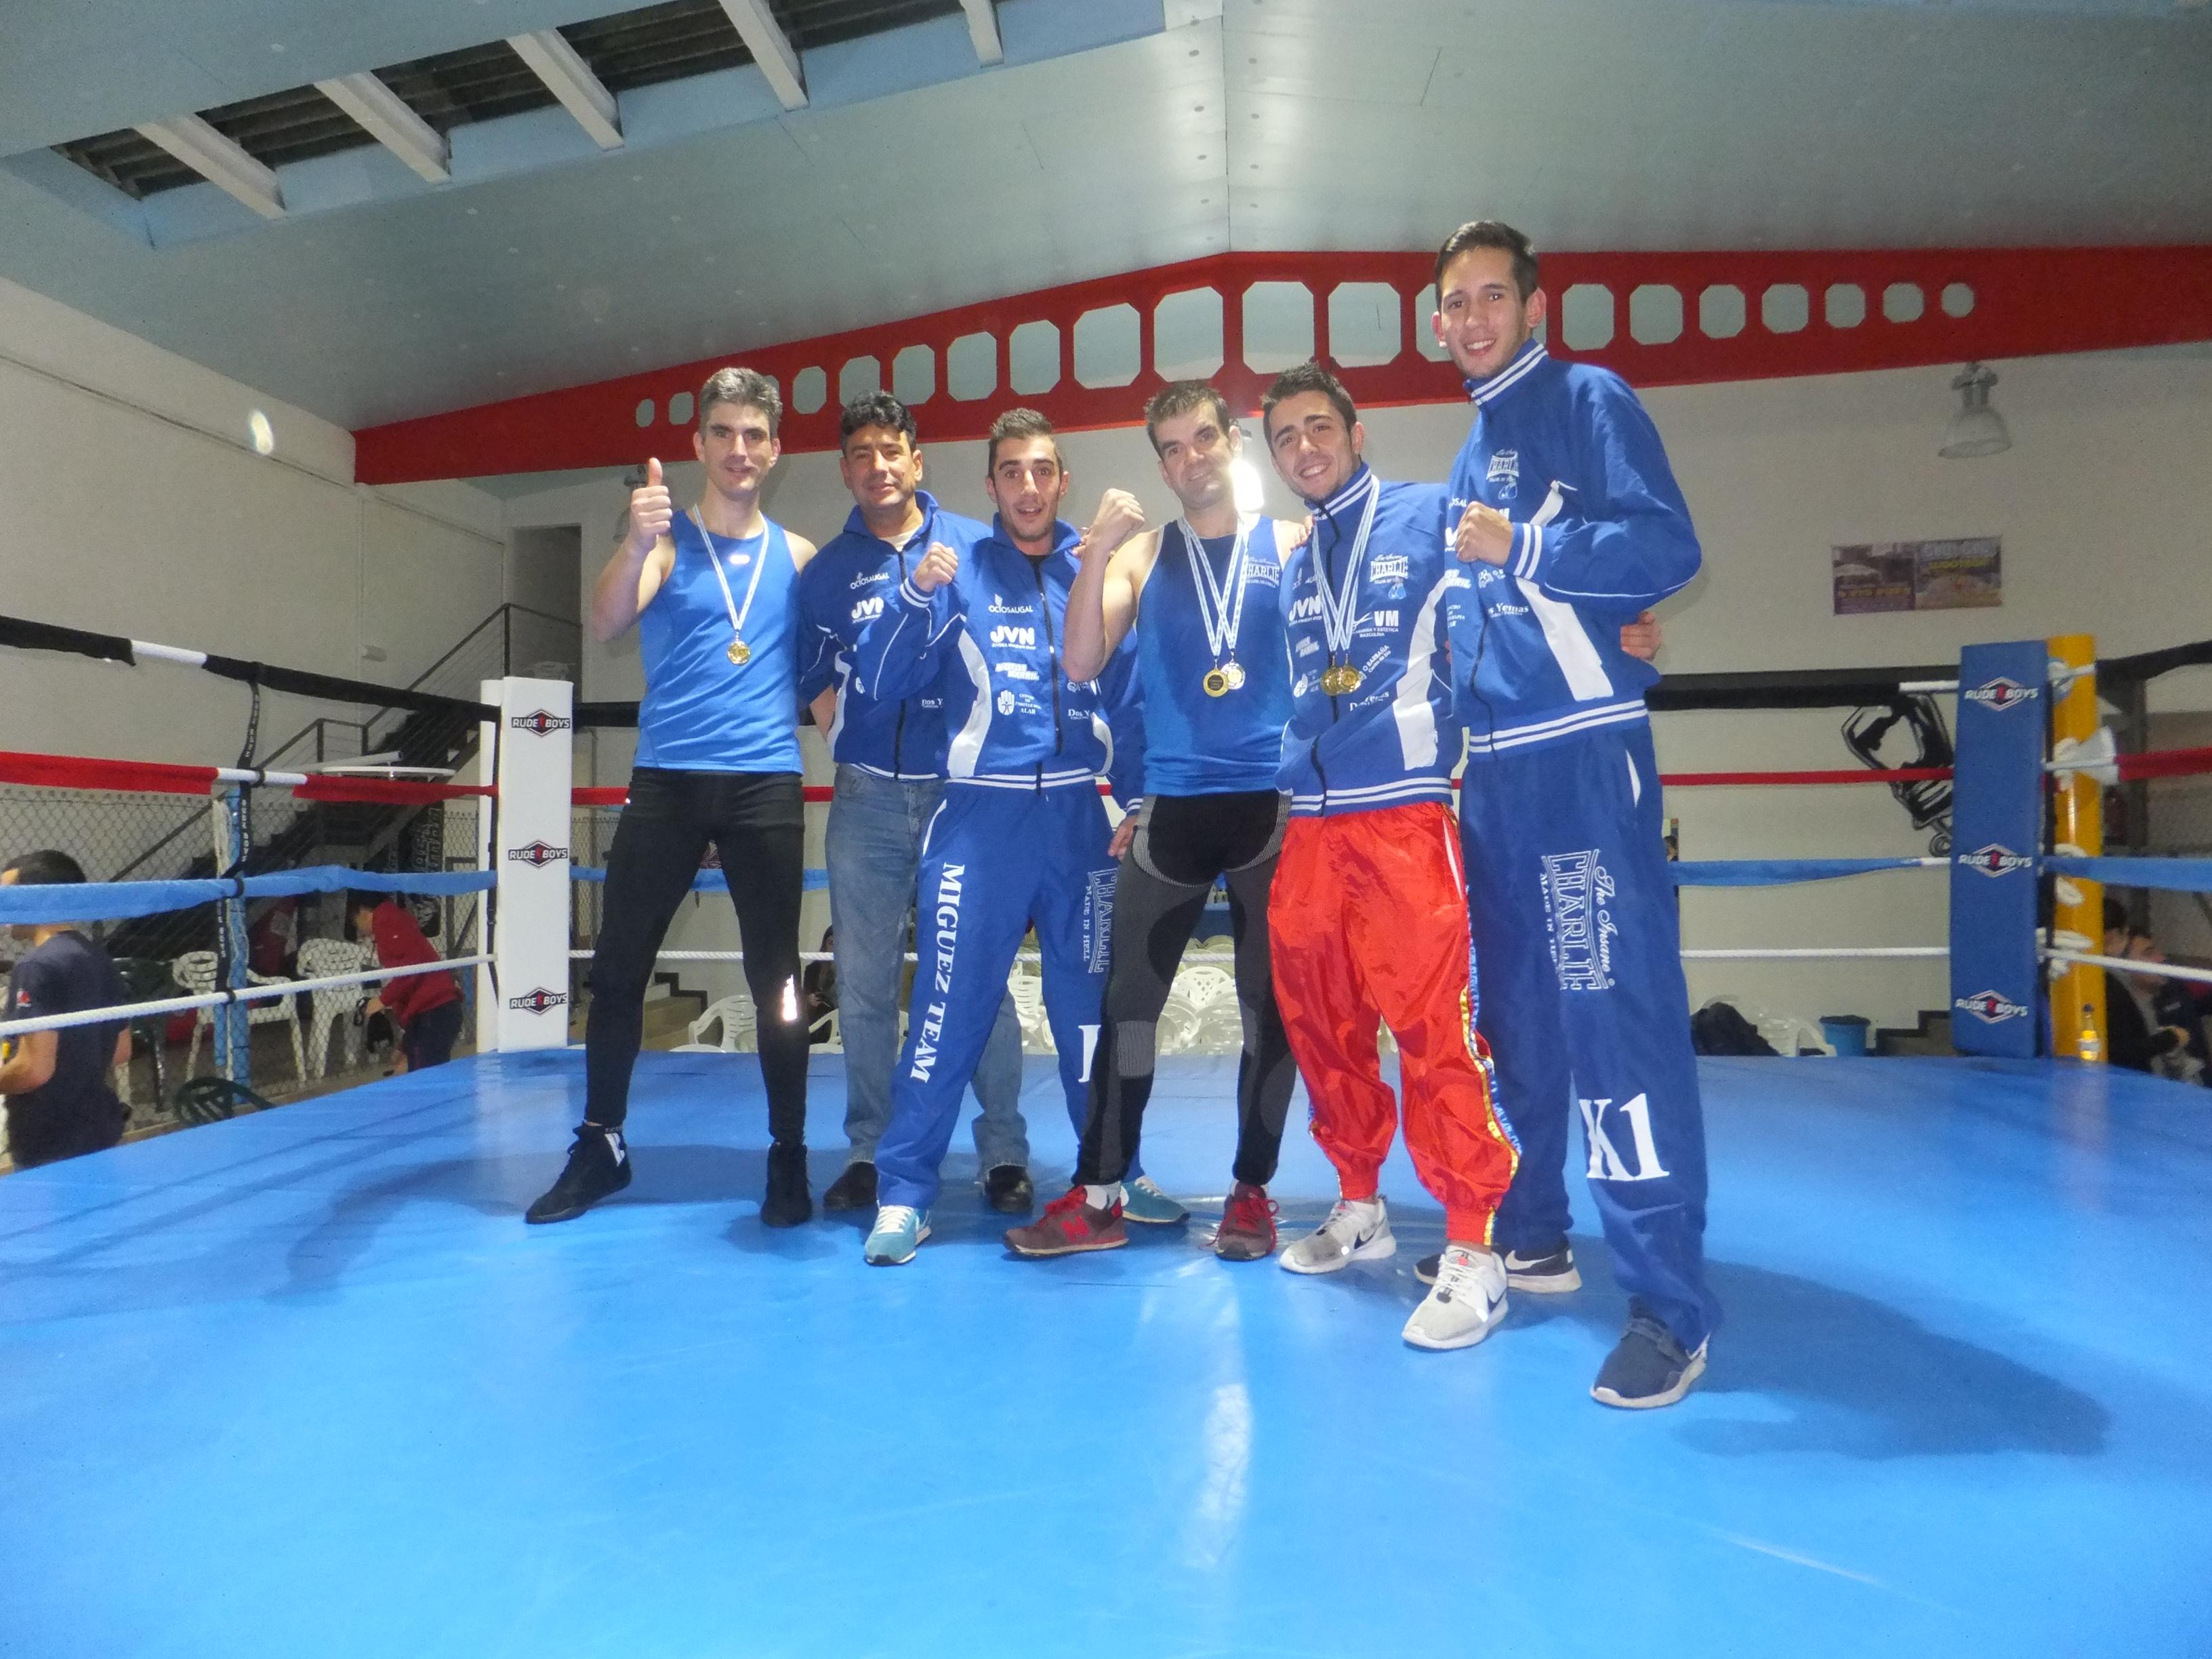 El gimnasio de Maun Miguez acaparó 4 Oros y una Plata en los Gallegos de Savate 2015. f bm